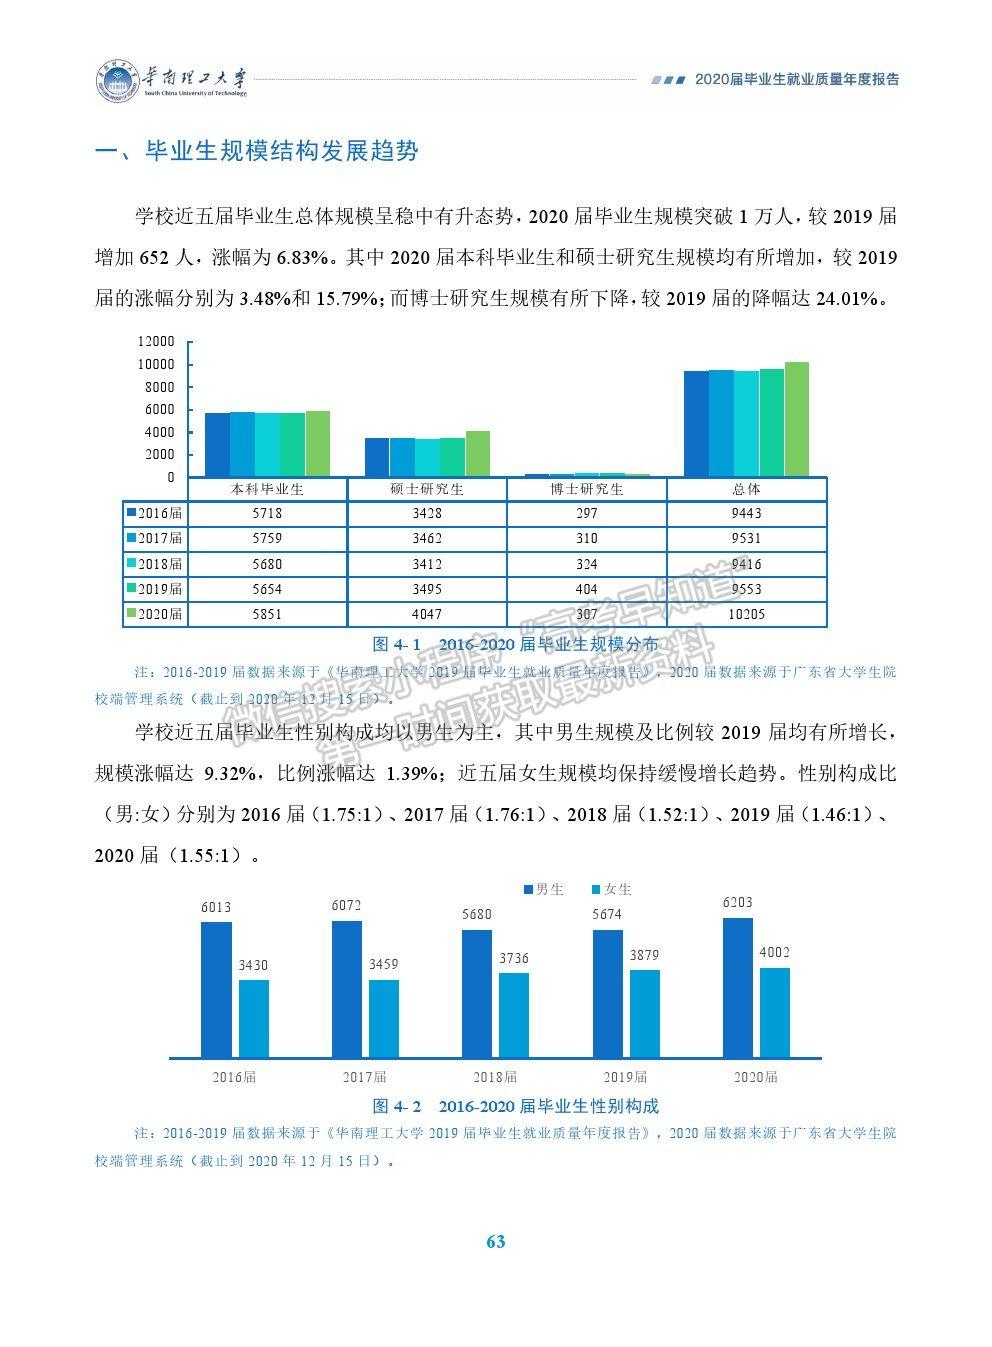 华南理工大学2020届毕业生就业质量年度报告